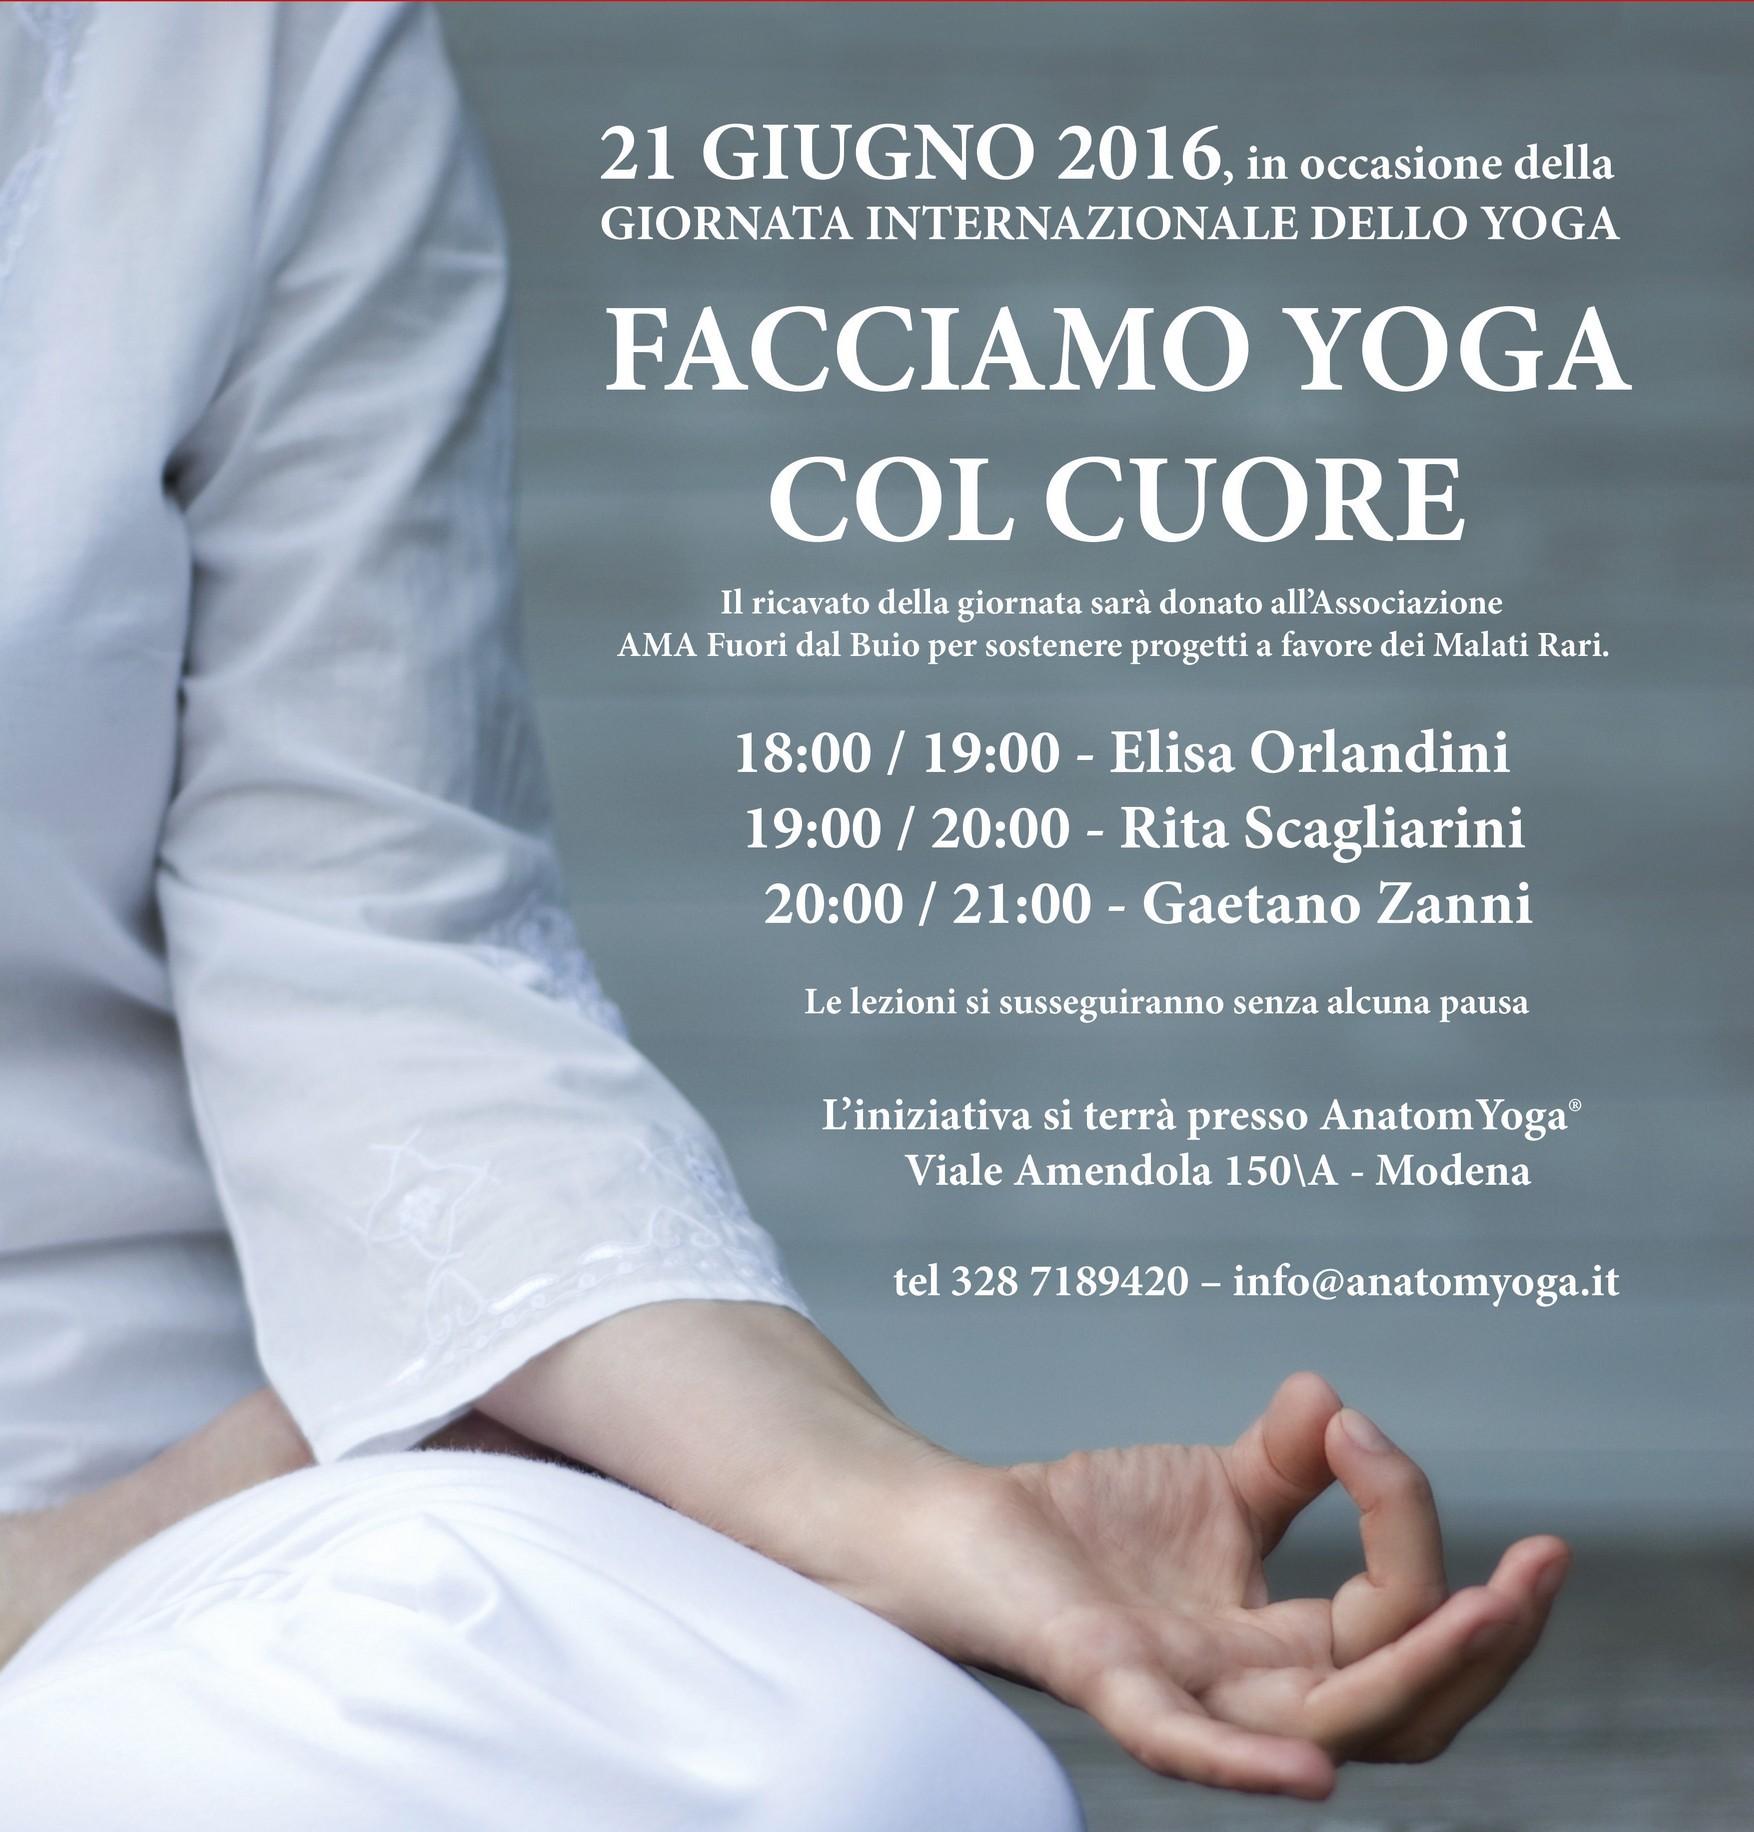 facciamo yoga col cuore ridotta